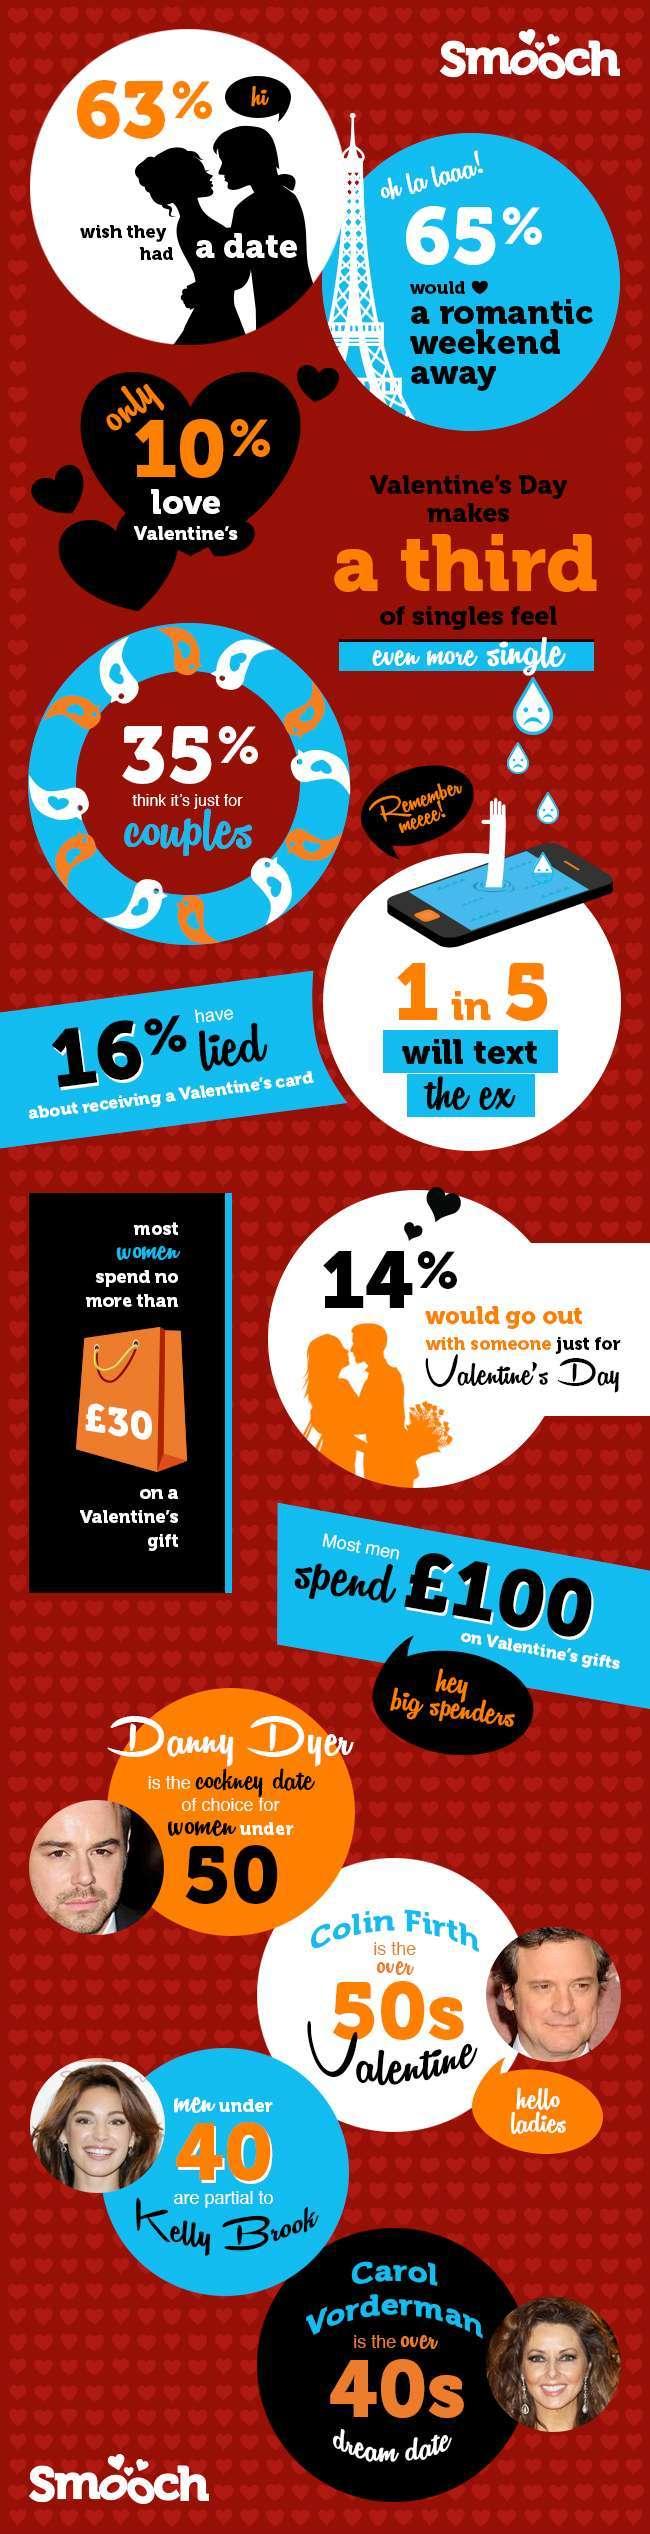 Smooch.com Valentine's Infographic